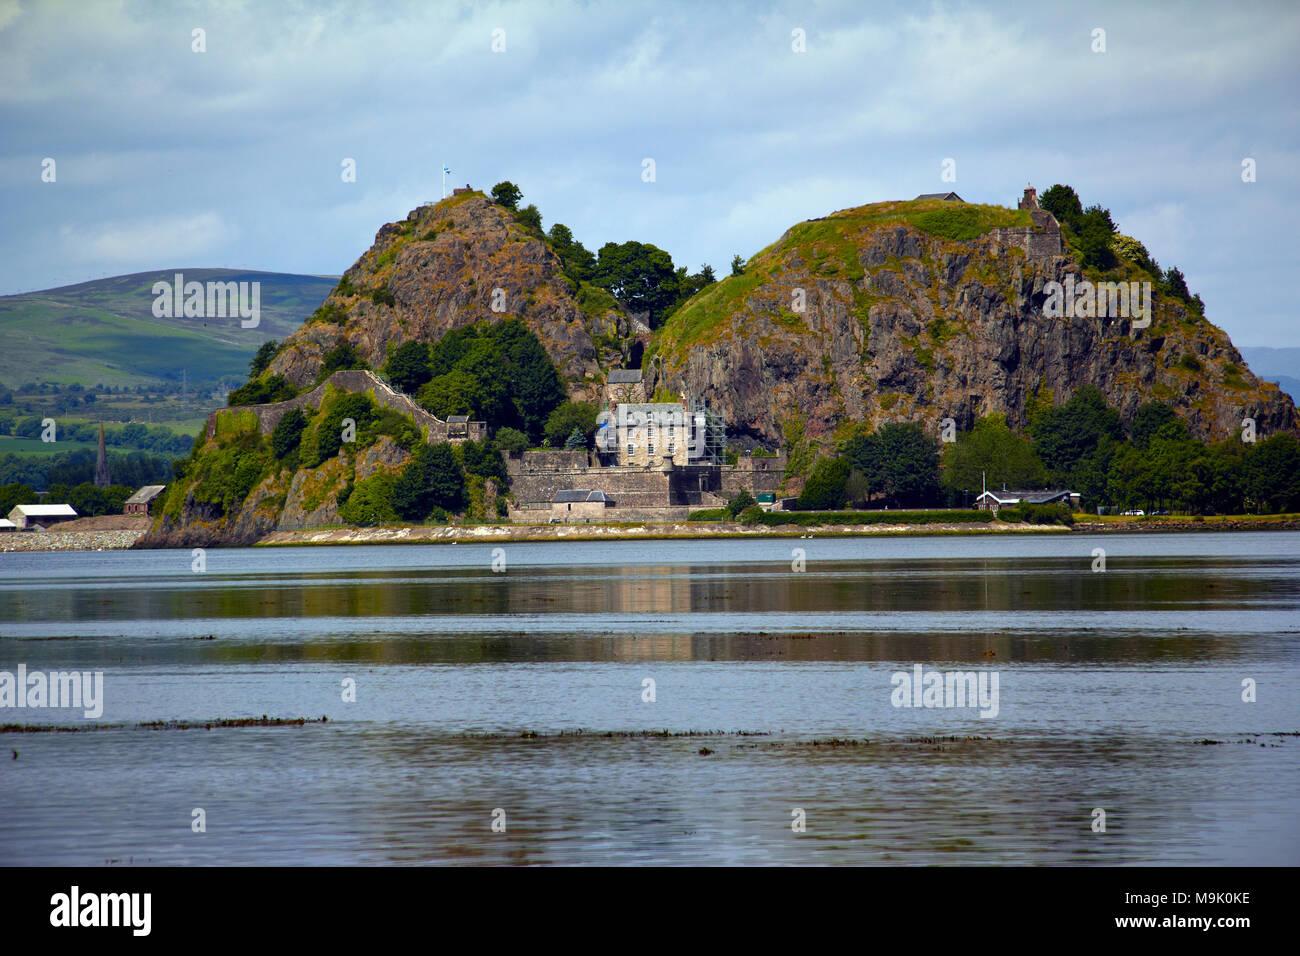 Dumbarton Castle River Clyde Scotland - Stock Image